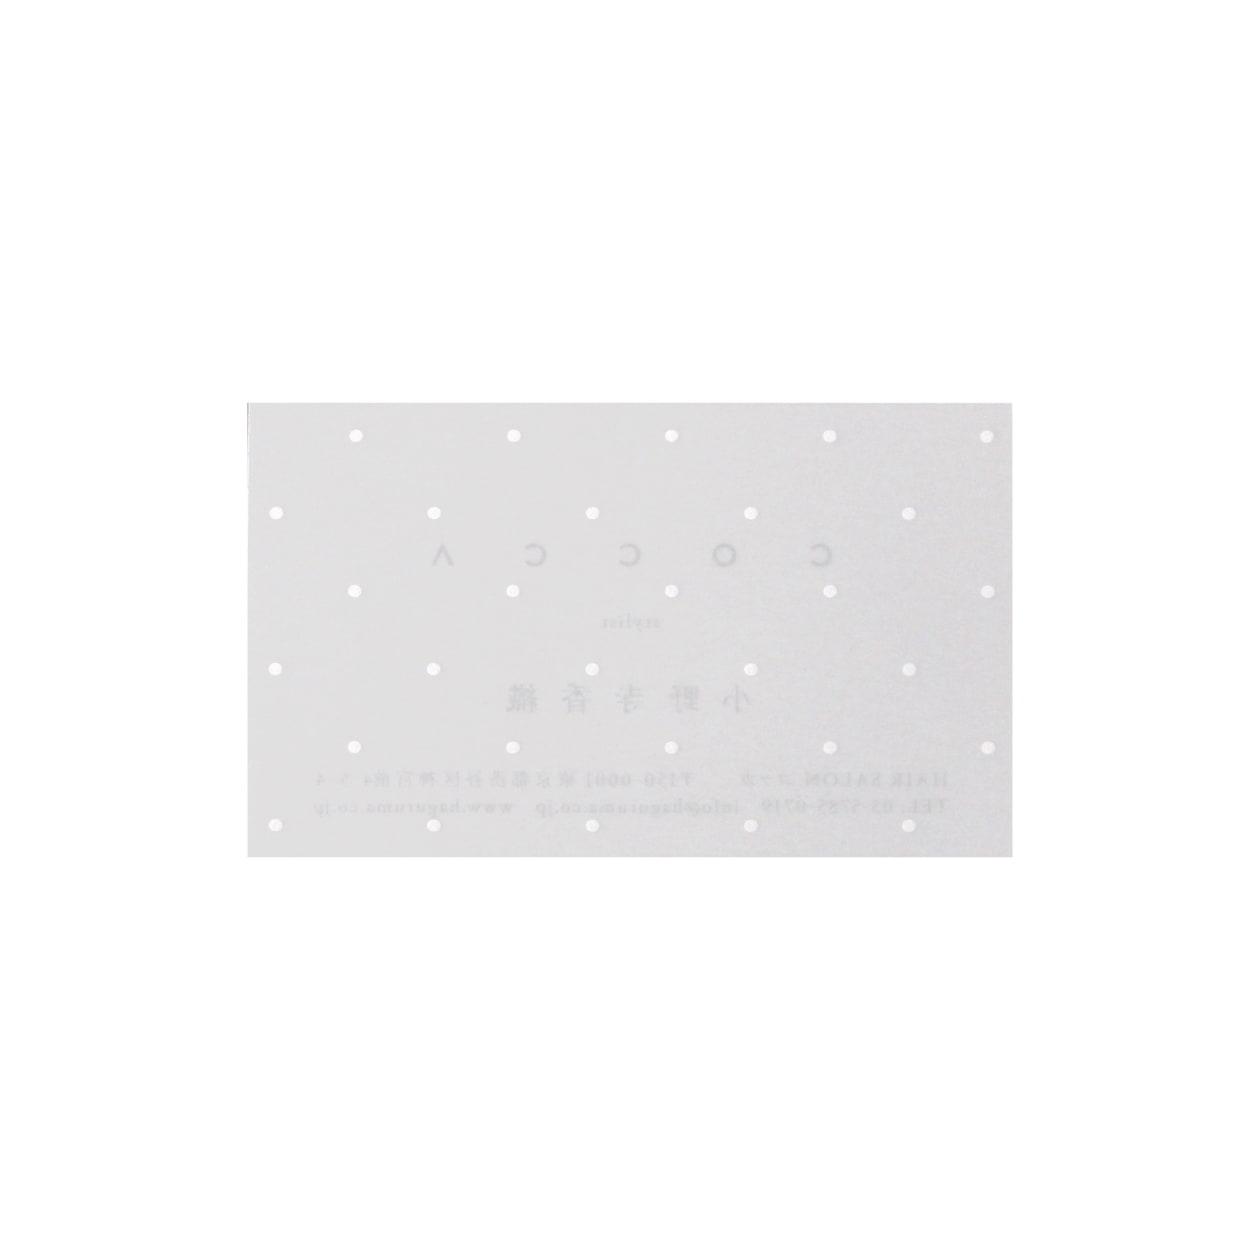 サンプル カード・シート 00143